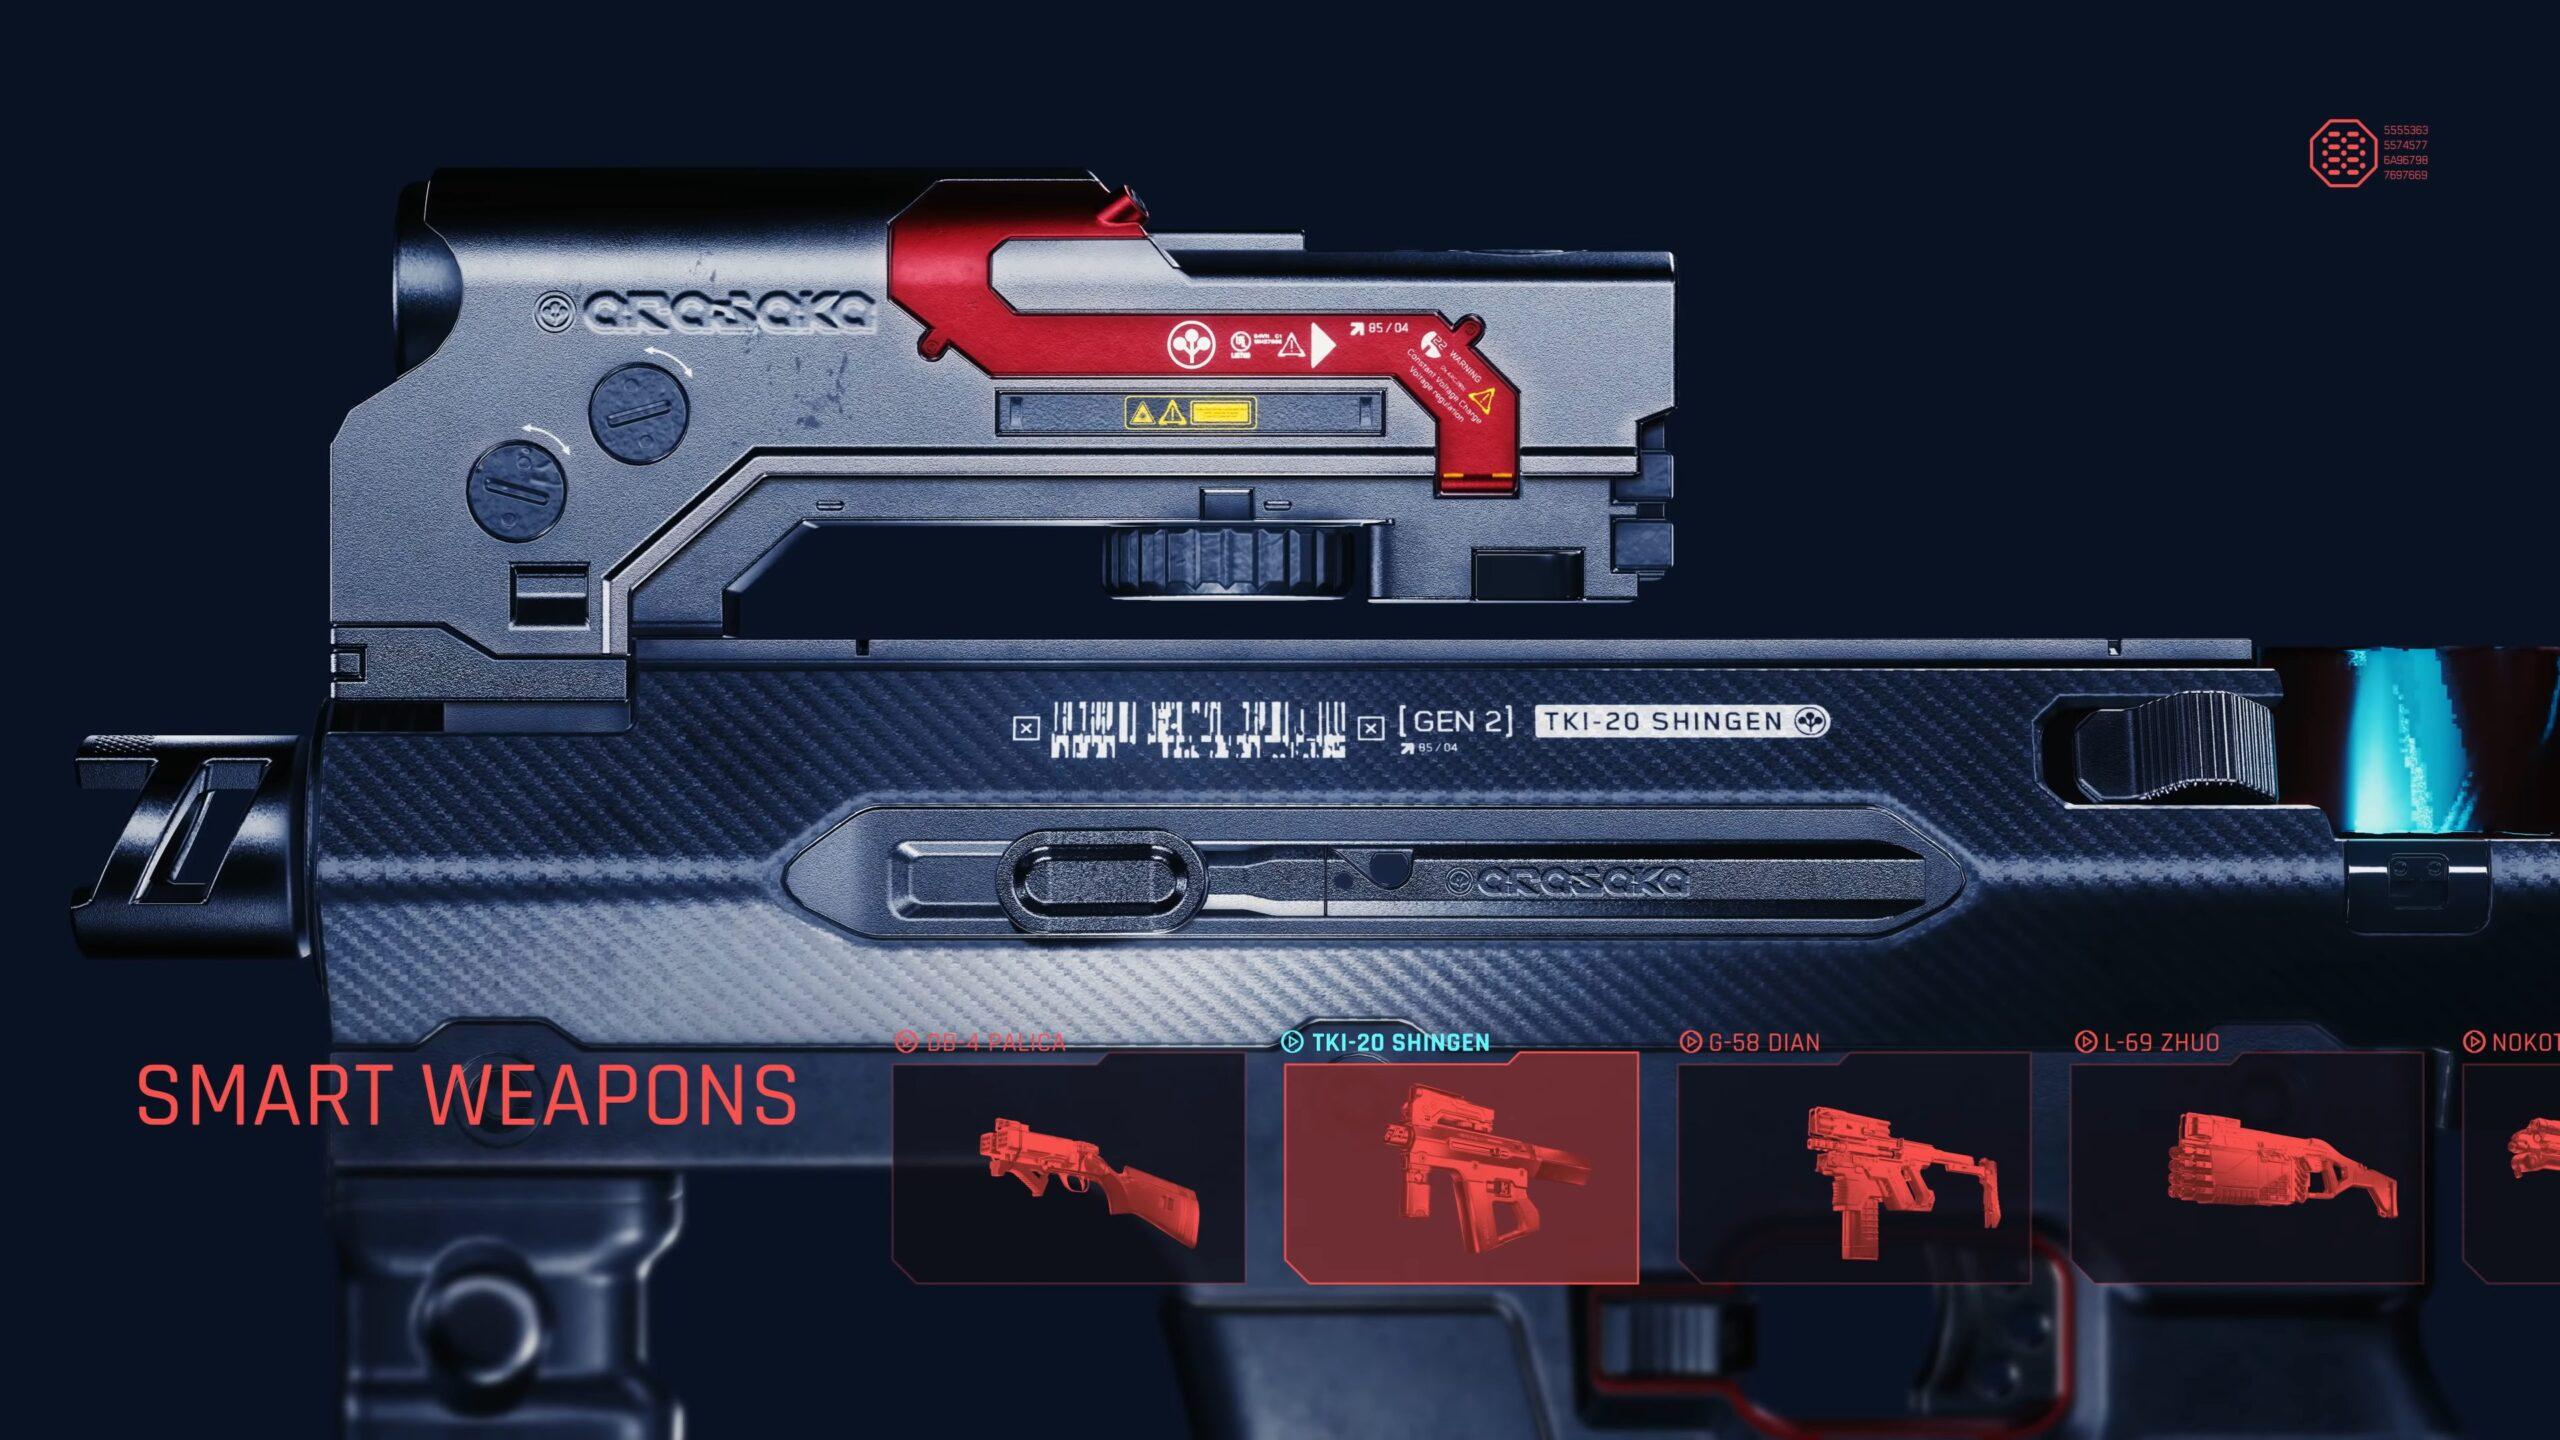 Cyberpunk 2077 Smart Weapons